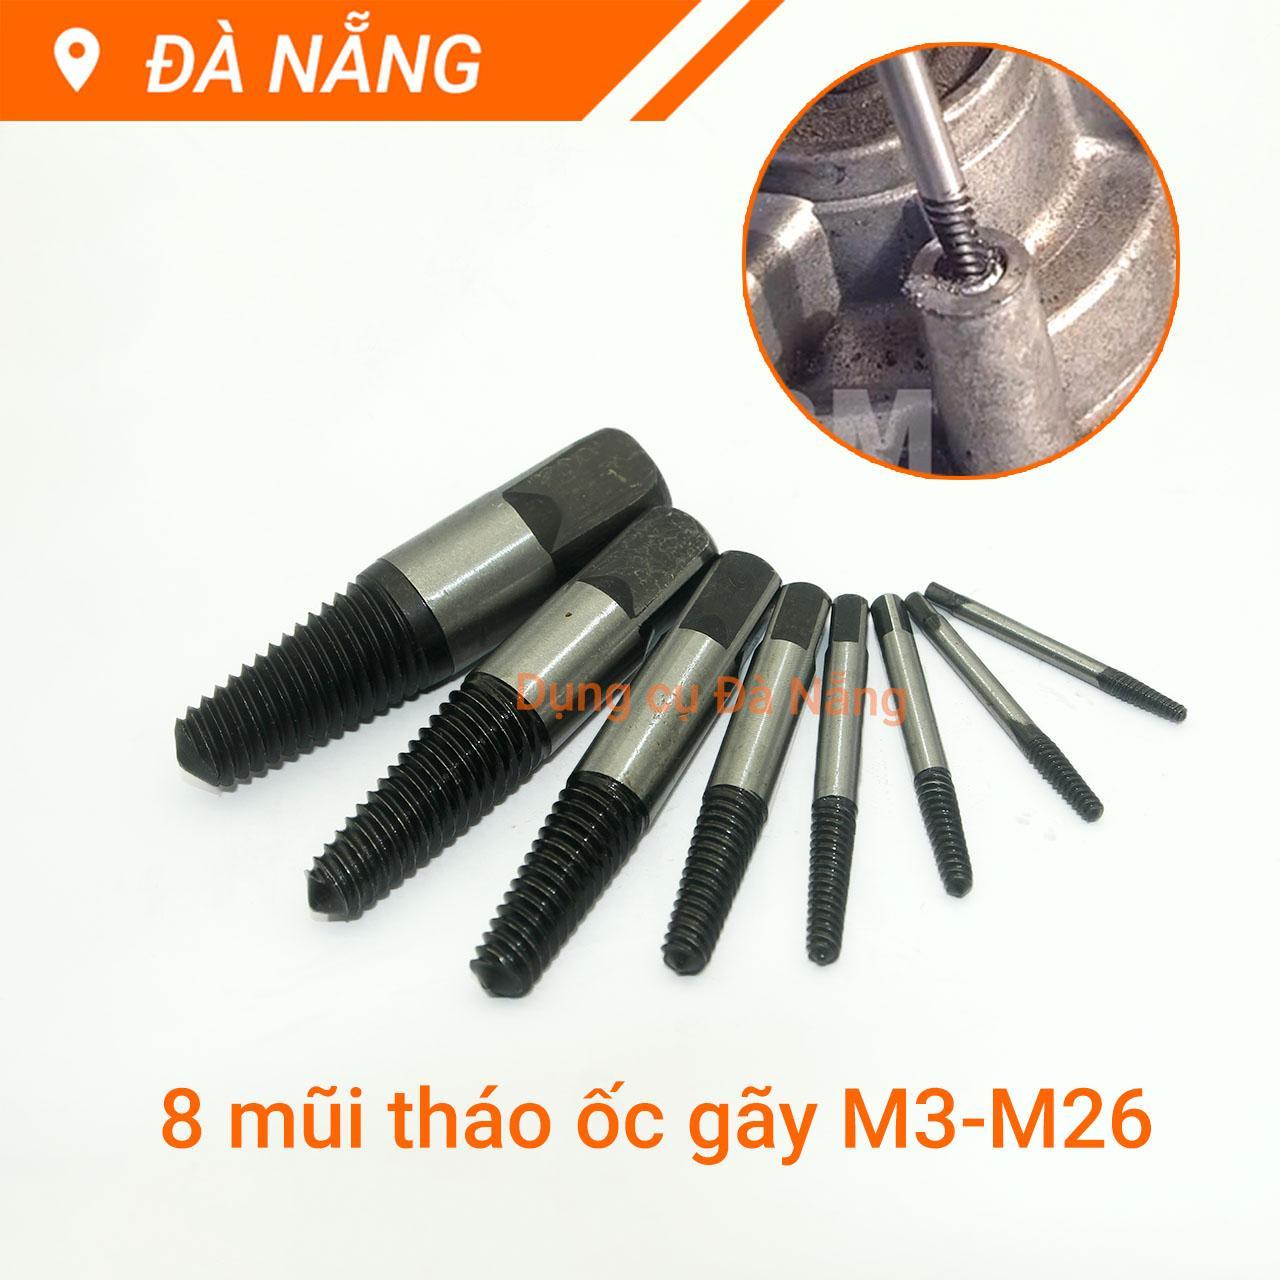 Bộ 8 mũi tháo bu lông, ốc vít gãy- tháo đầu ống nước gãy